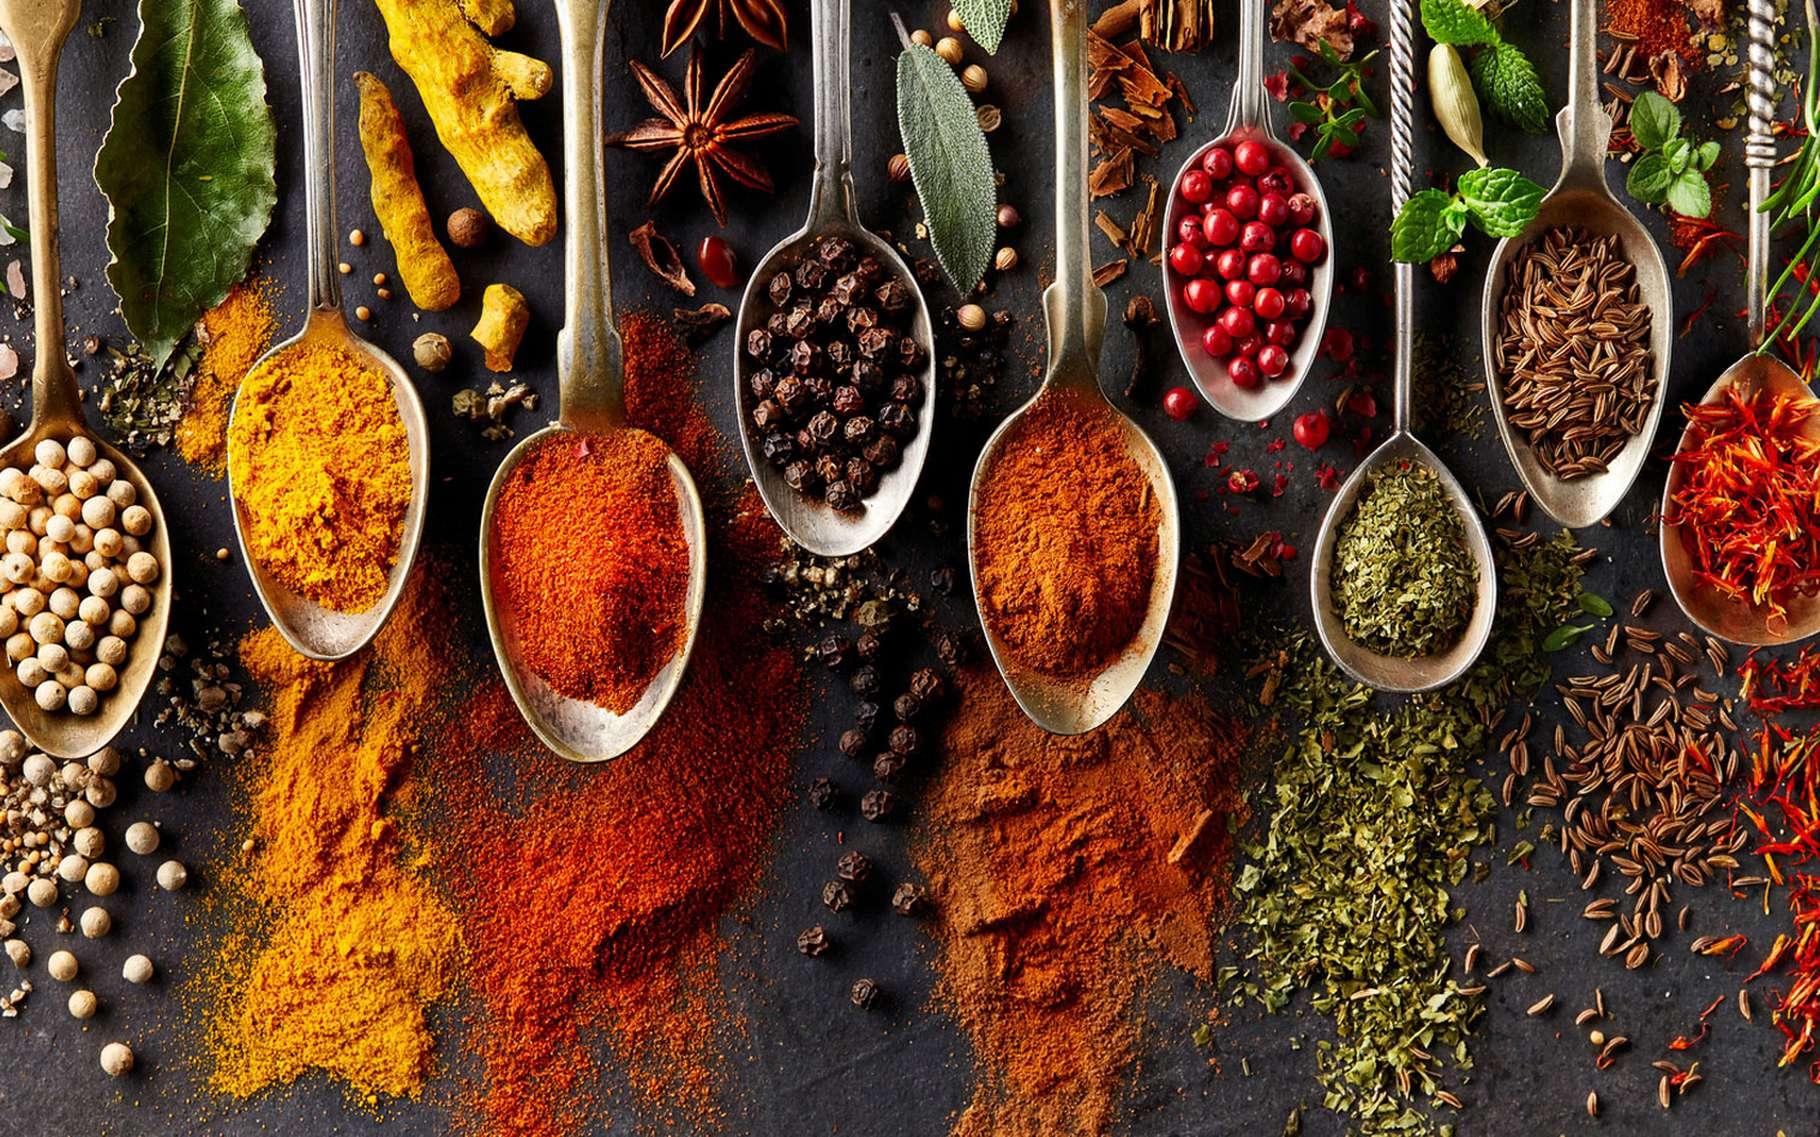 Contrairement aux aromates, les épices, si elles ont souvent une origine végétale, ne correspondent pas aux feuilles ou aux branches d'une plante. La cannelle, par exemple, n'est autre l'écorce d'un arbre. Le poivre, quant à lui, est un fruit et le gingembre, un bulbe. La coriandre est une graine. Et le safran nous vient de fleurs.Une diversité d'origine qui offre aussi une diversité d'odeurs, de saveurs et de couleurs. De quoi parfumer notre cuisine tout en faisant du bien à notre santé. La plupart du temps. Car attention, certaines épices consommées en quantité, peuvent se révéler toxiques. © Dionisvera, Fotolia